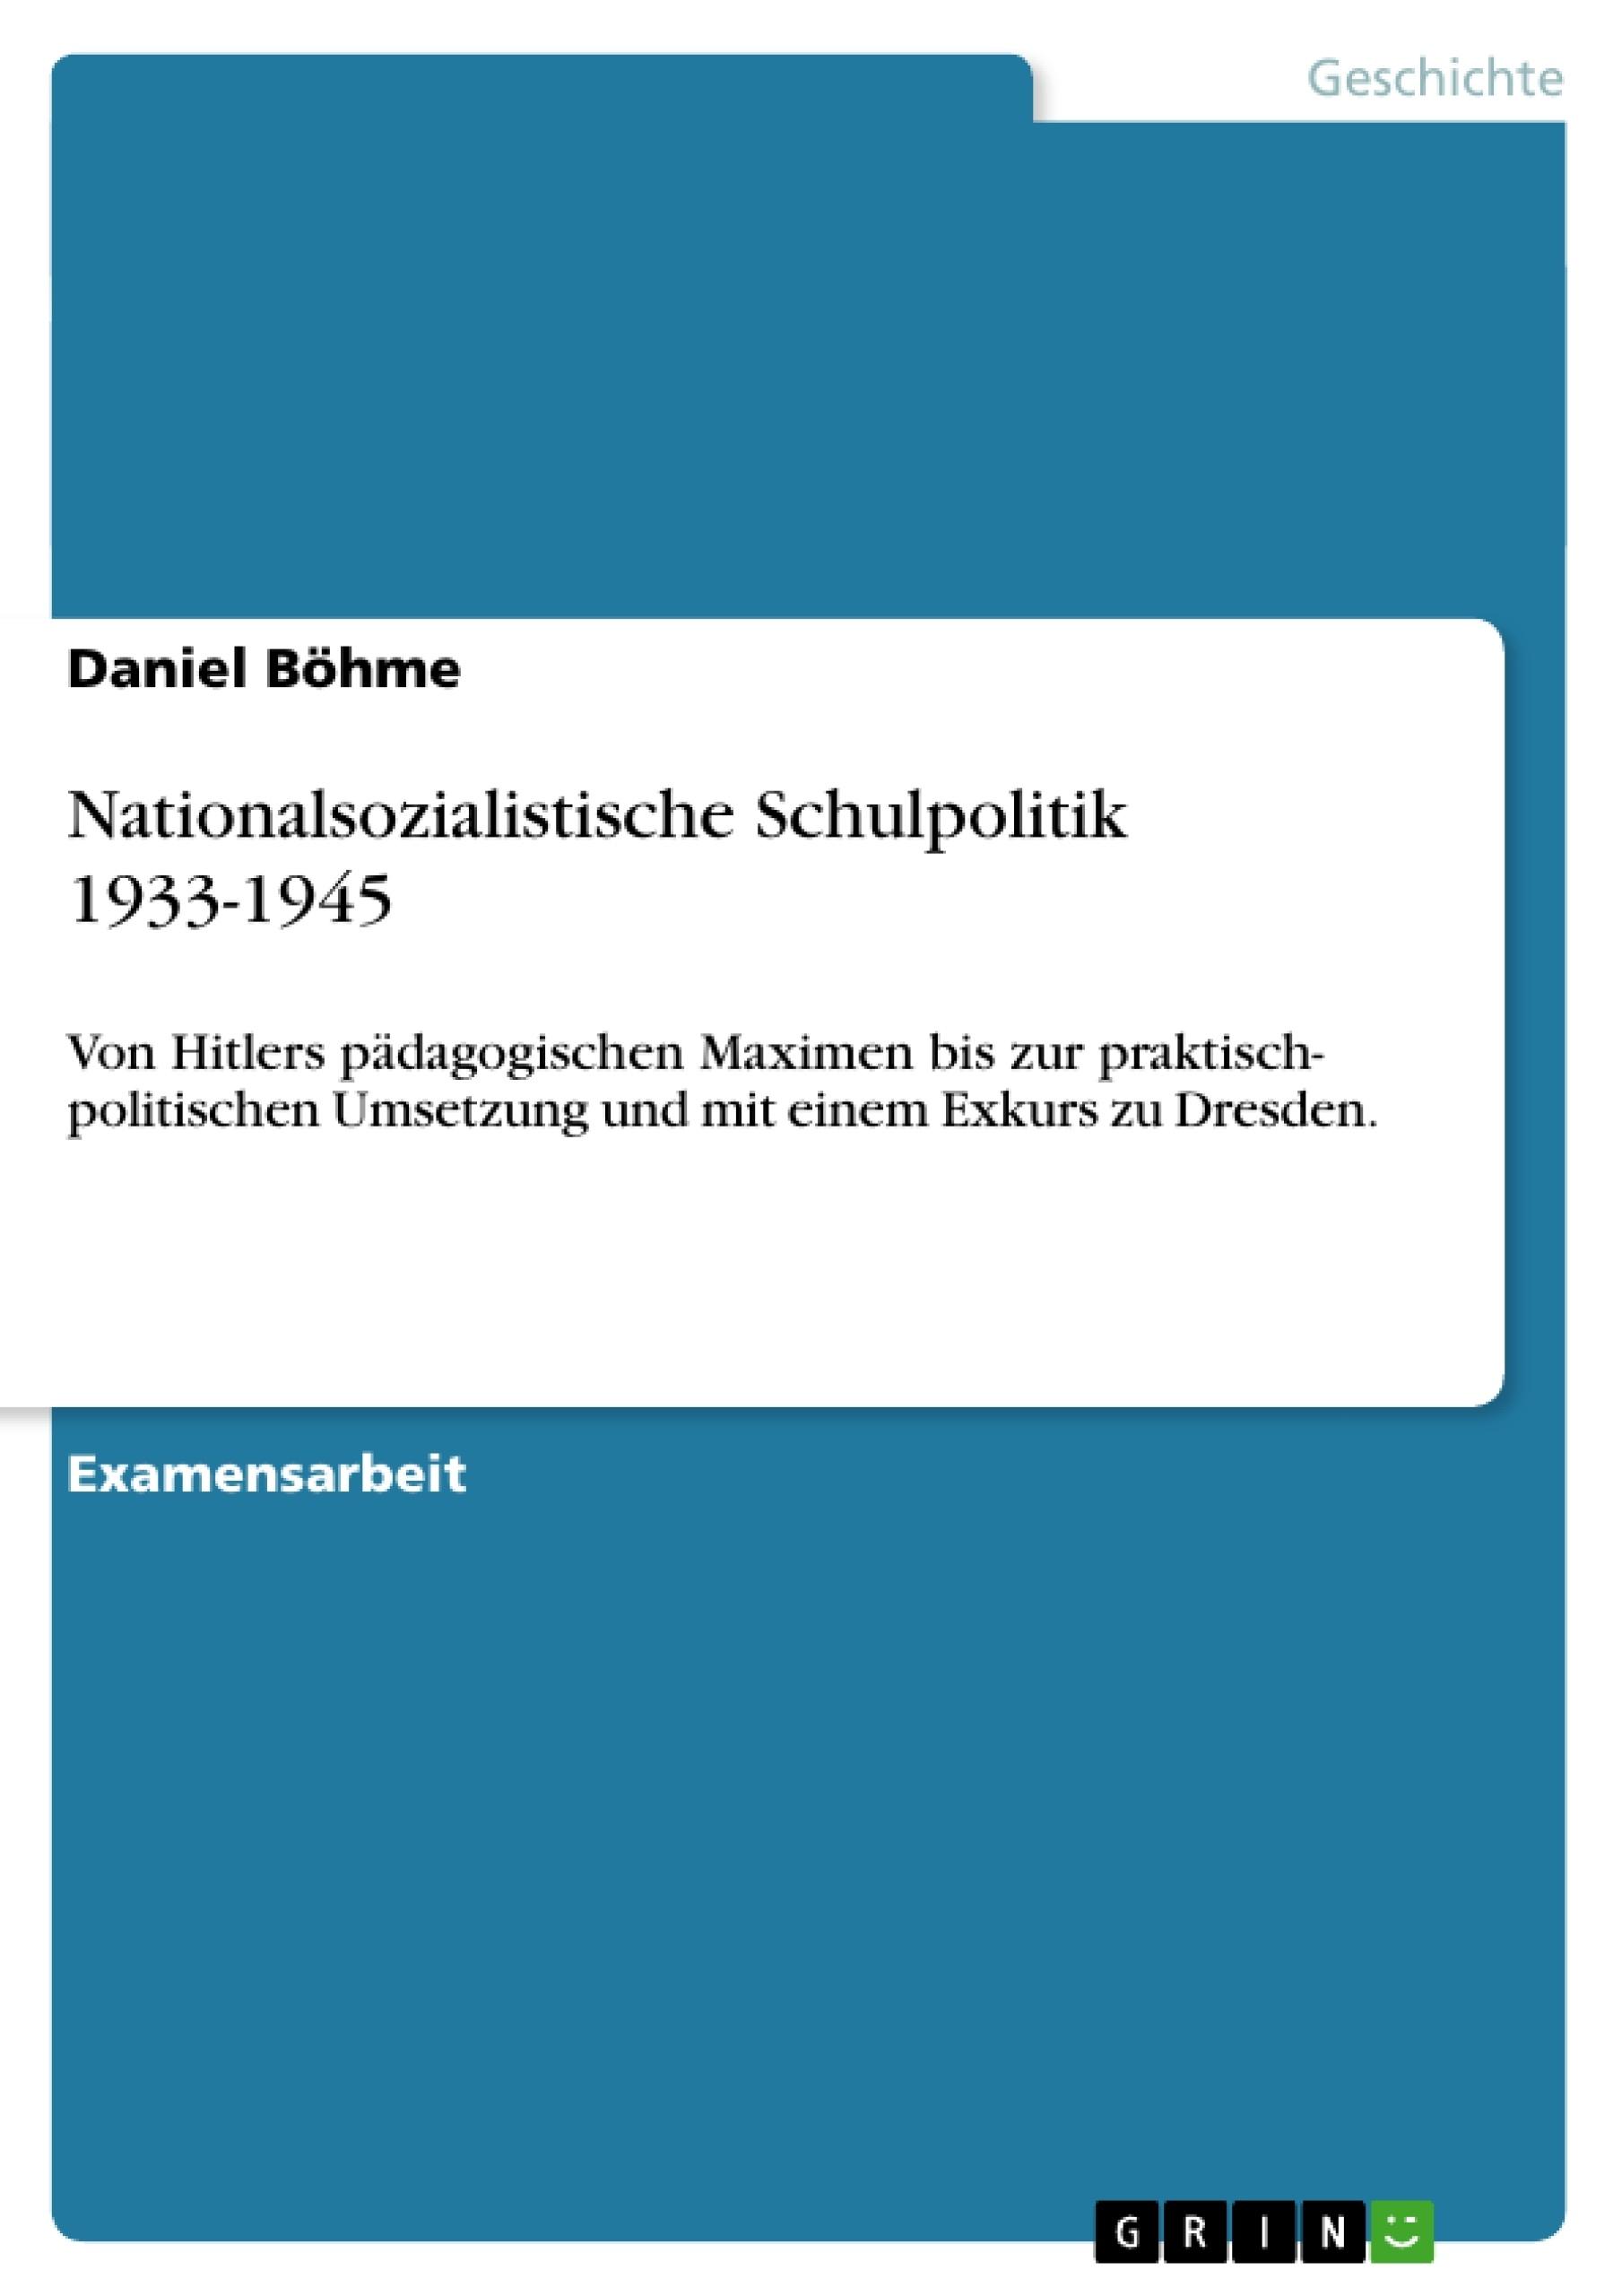 Titel: Nationalsozialistische Schulpolitik 1933-1945